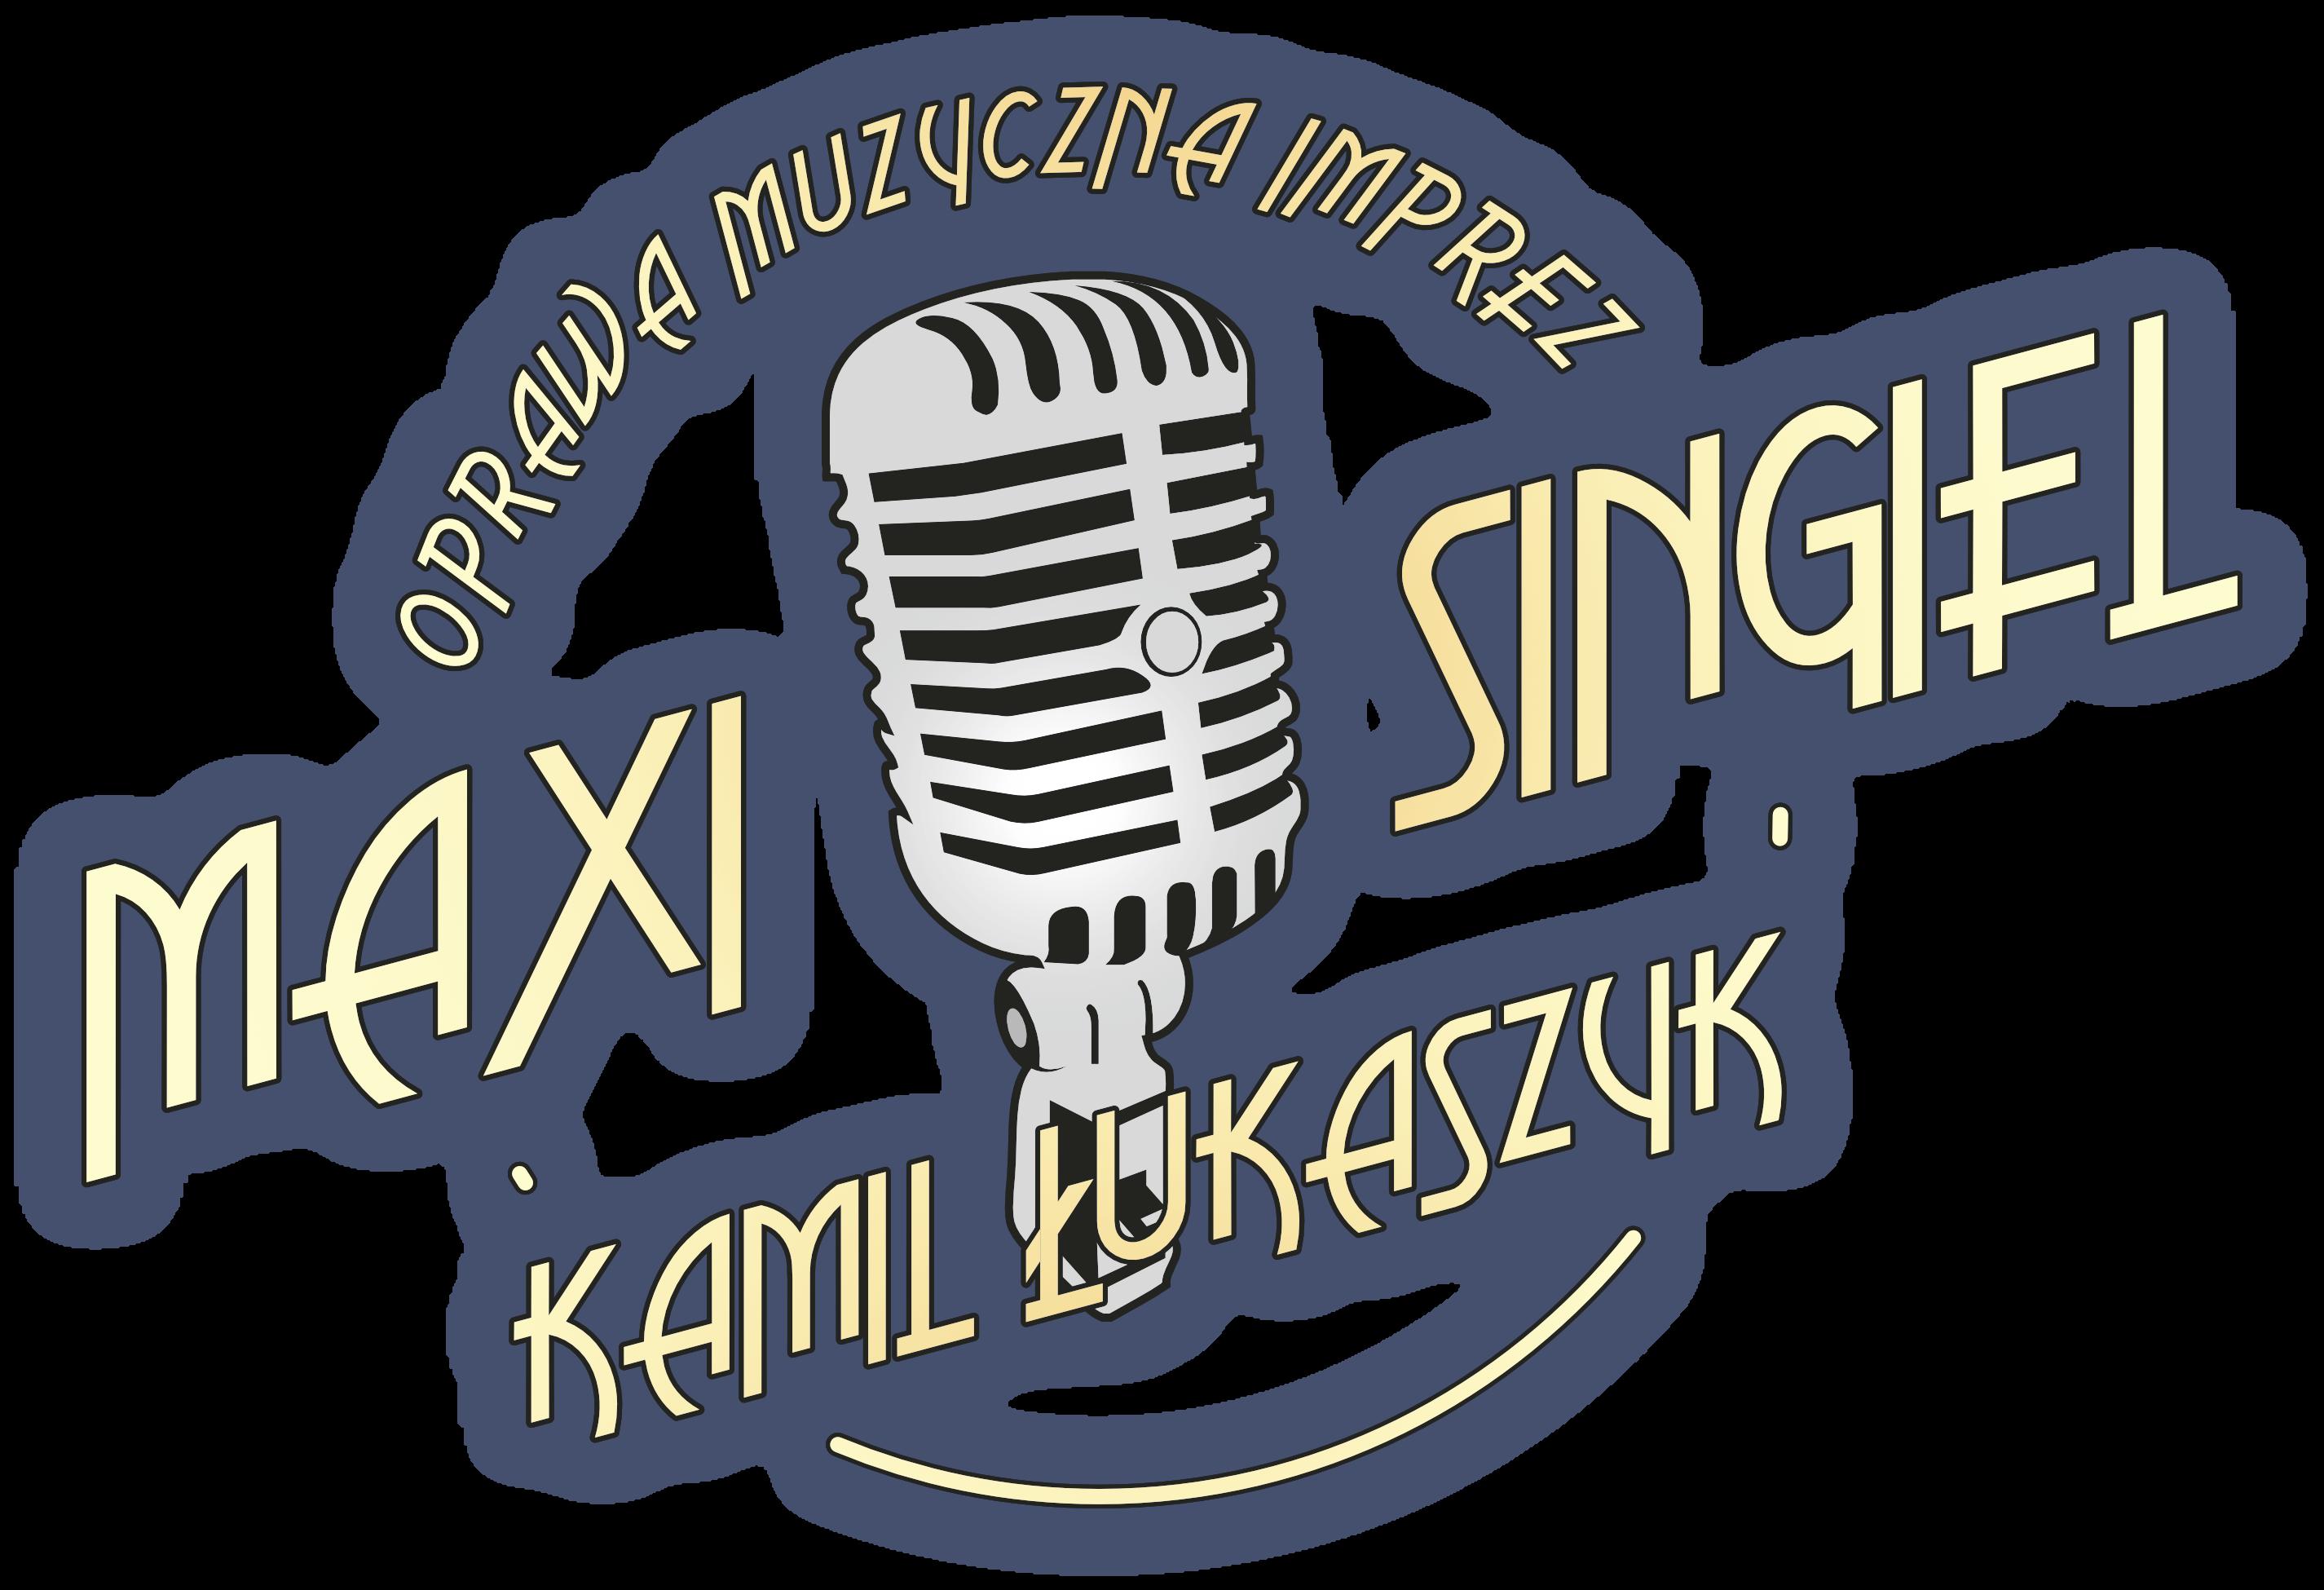 MAXI SINGIEL KAMIL ŁUKASZYK